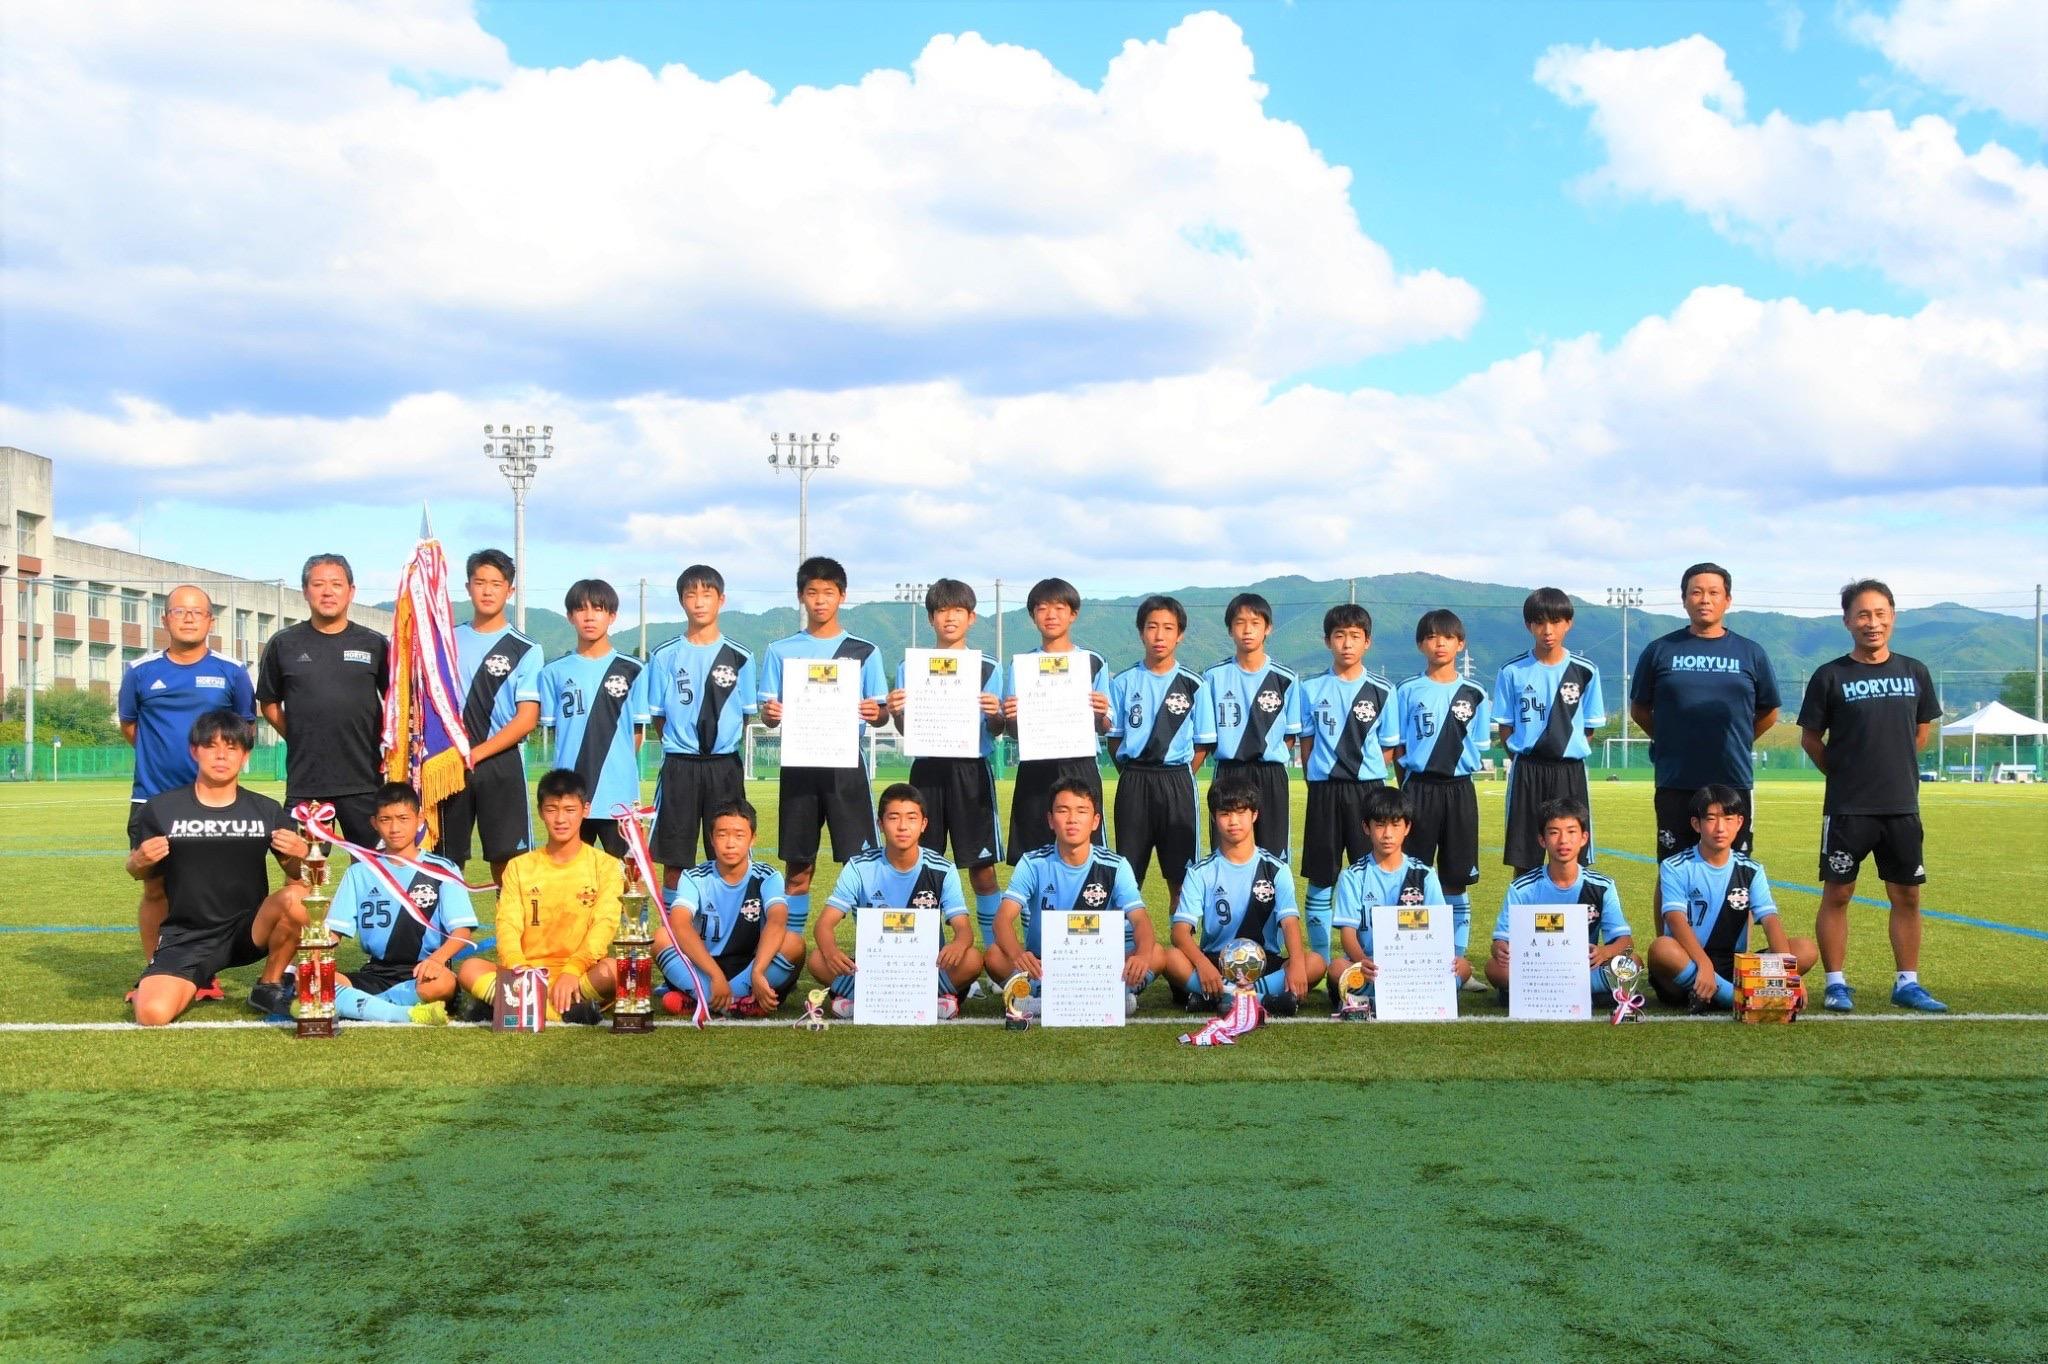 高円宮杯 U-15サッカーリーグ2021【表彰式】